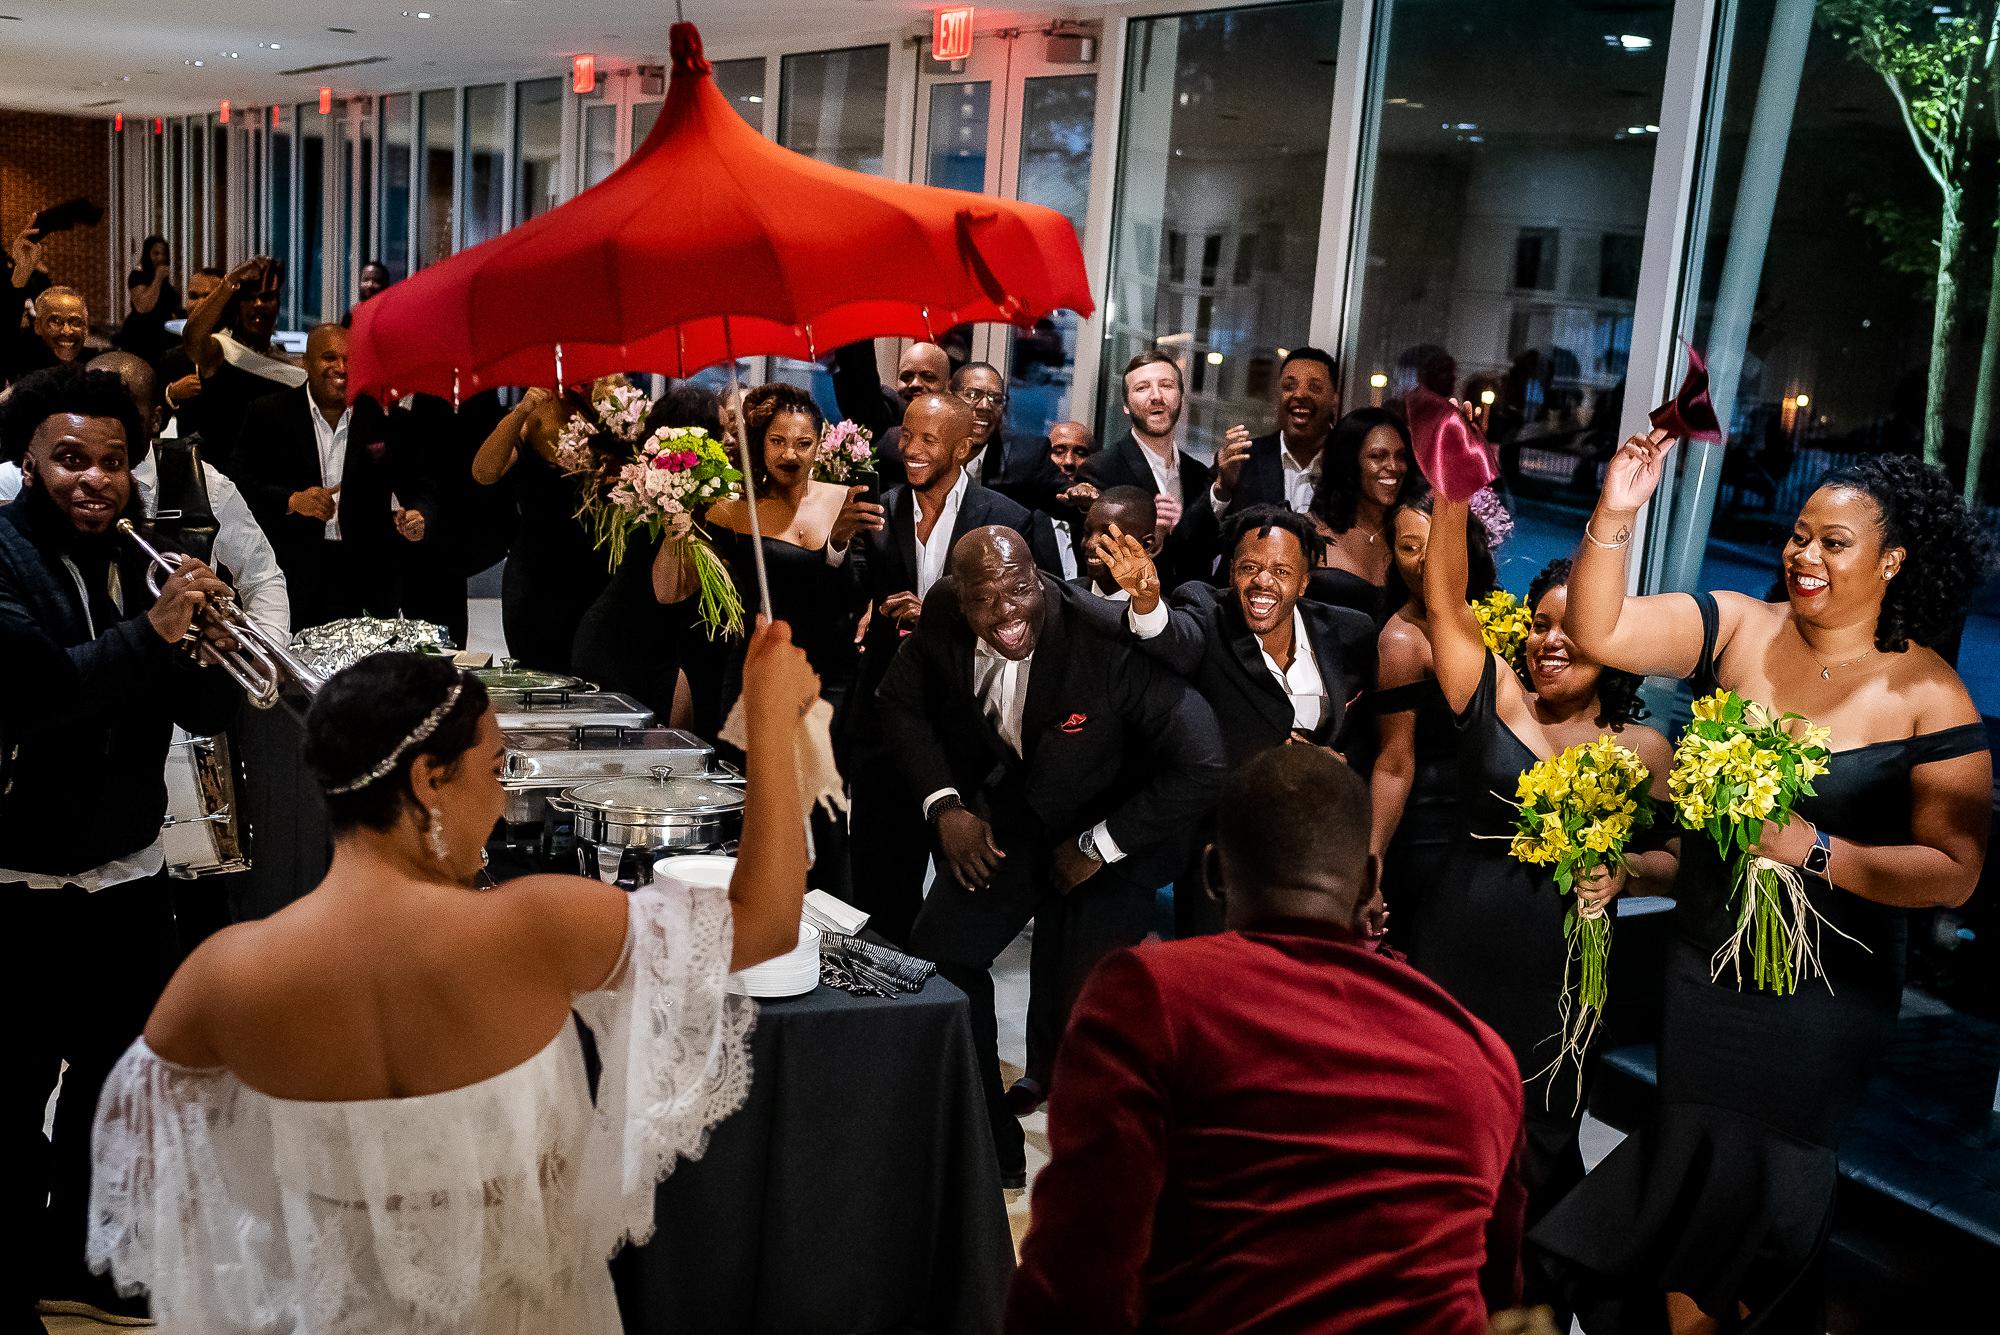 044-044-christopher-jason-studios-university-of-maryland-wedding-raheem-Devaughn-african-american-bride-and-groom.jpg